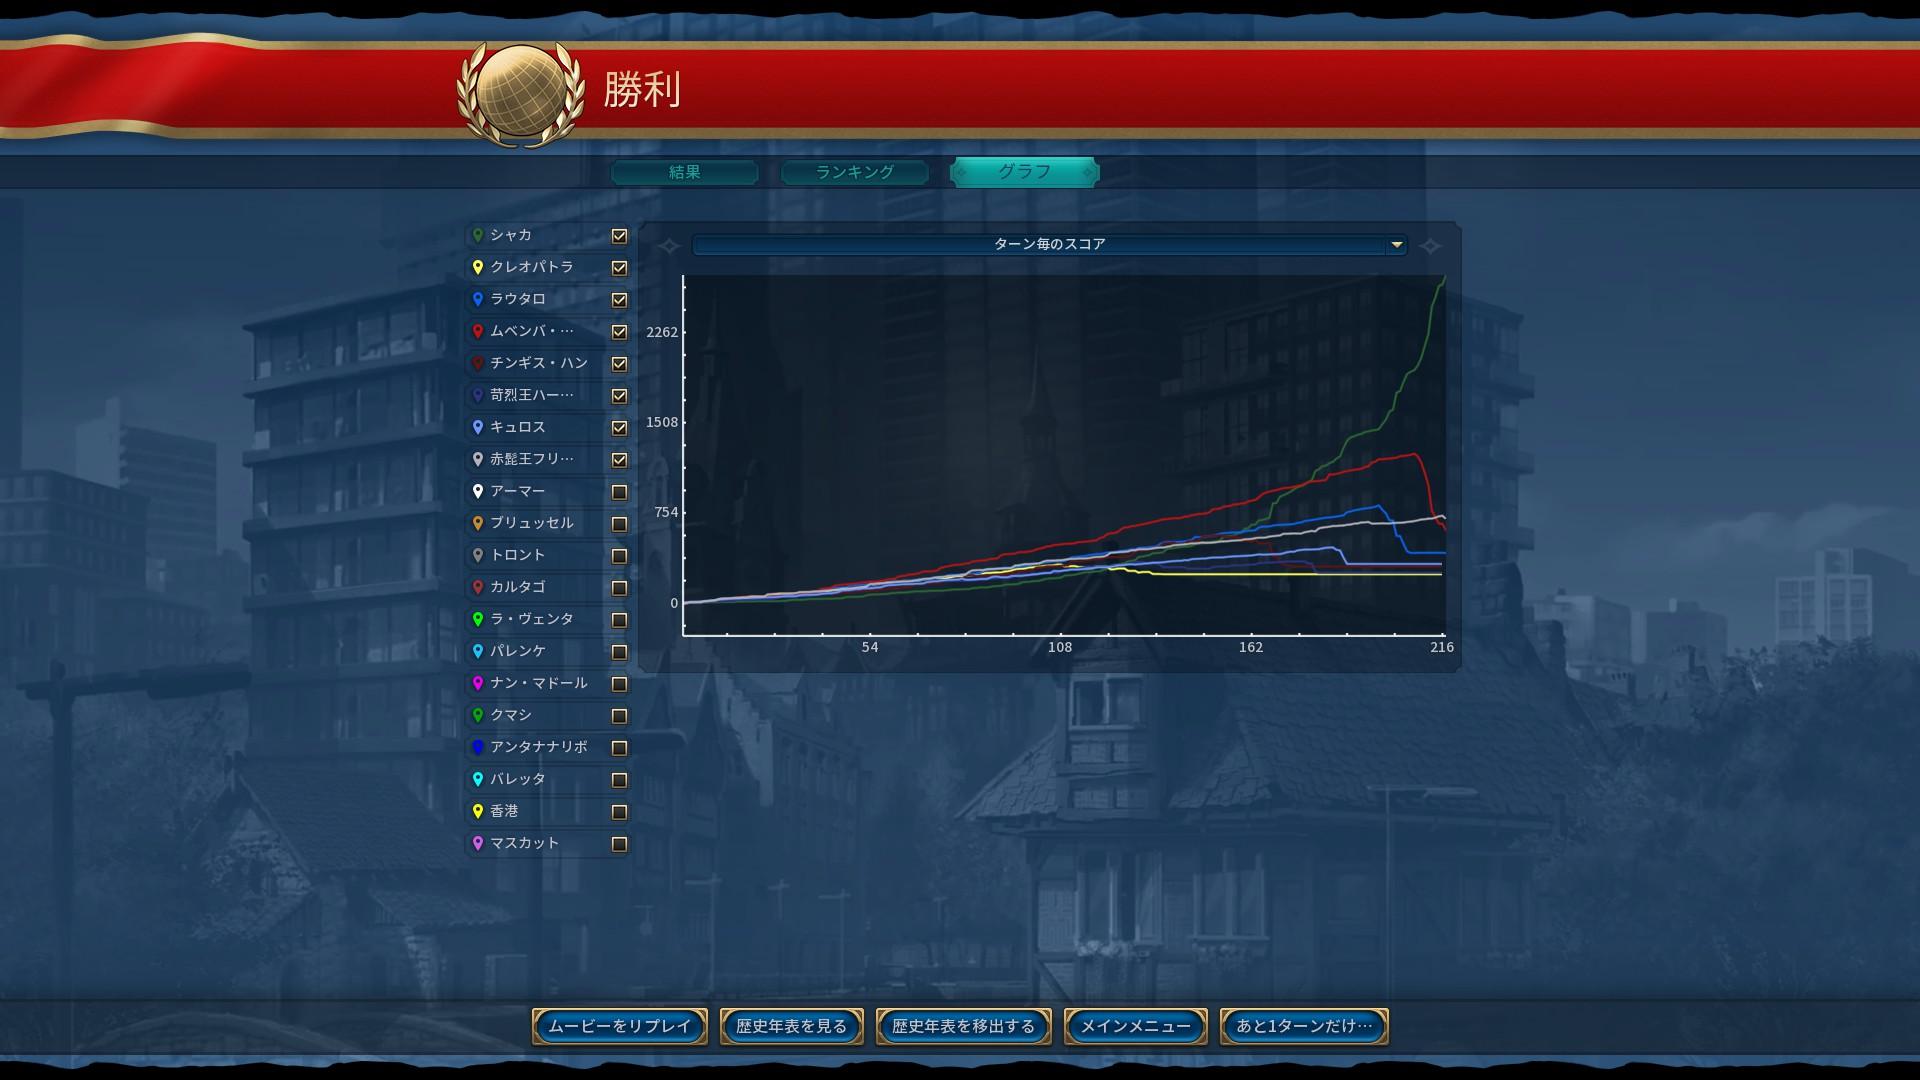 03_スコアのグラフ.jpg